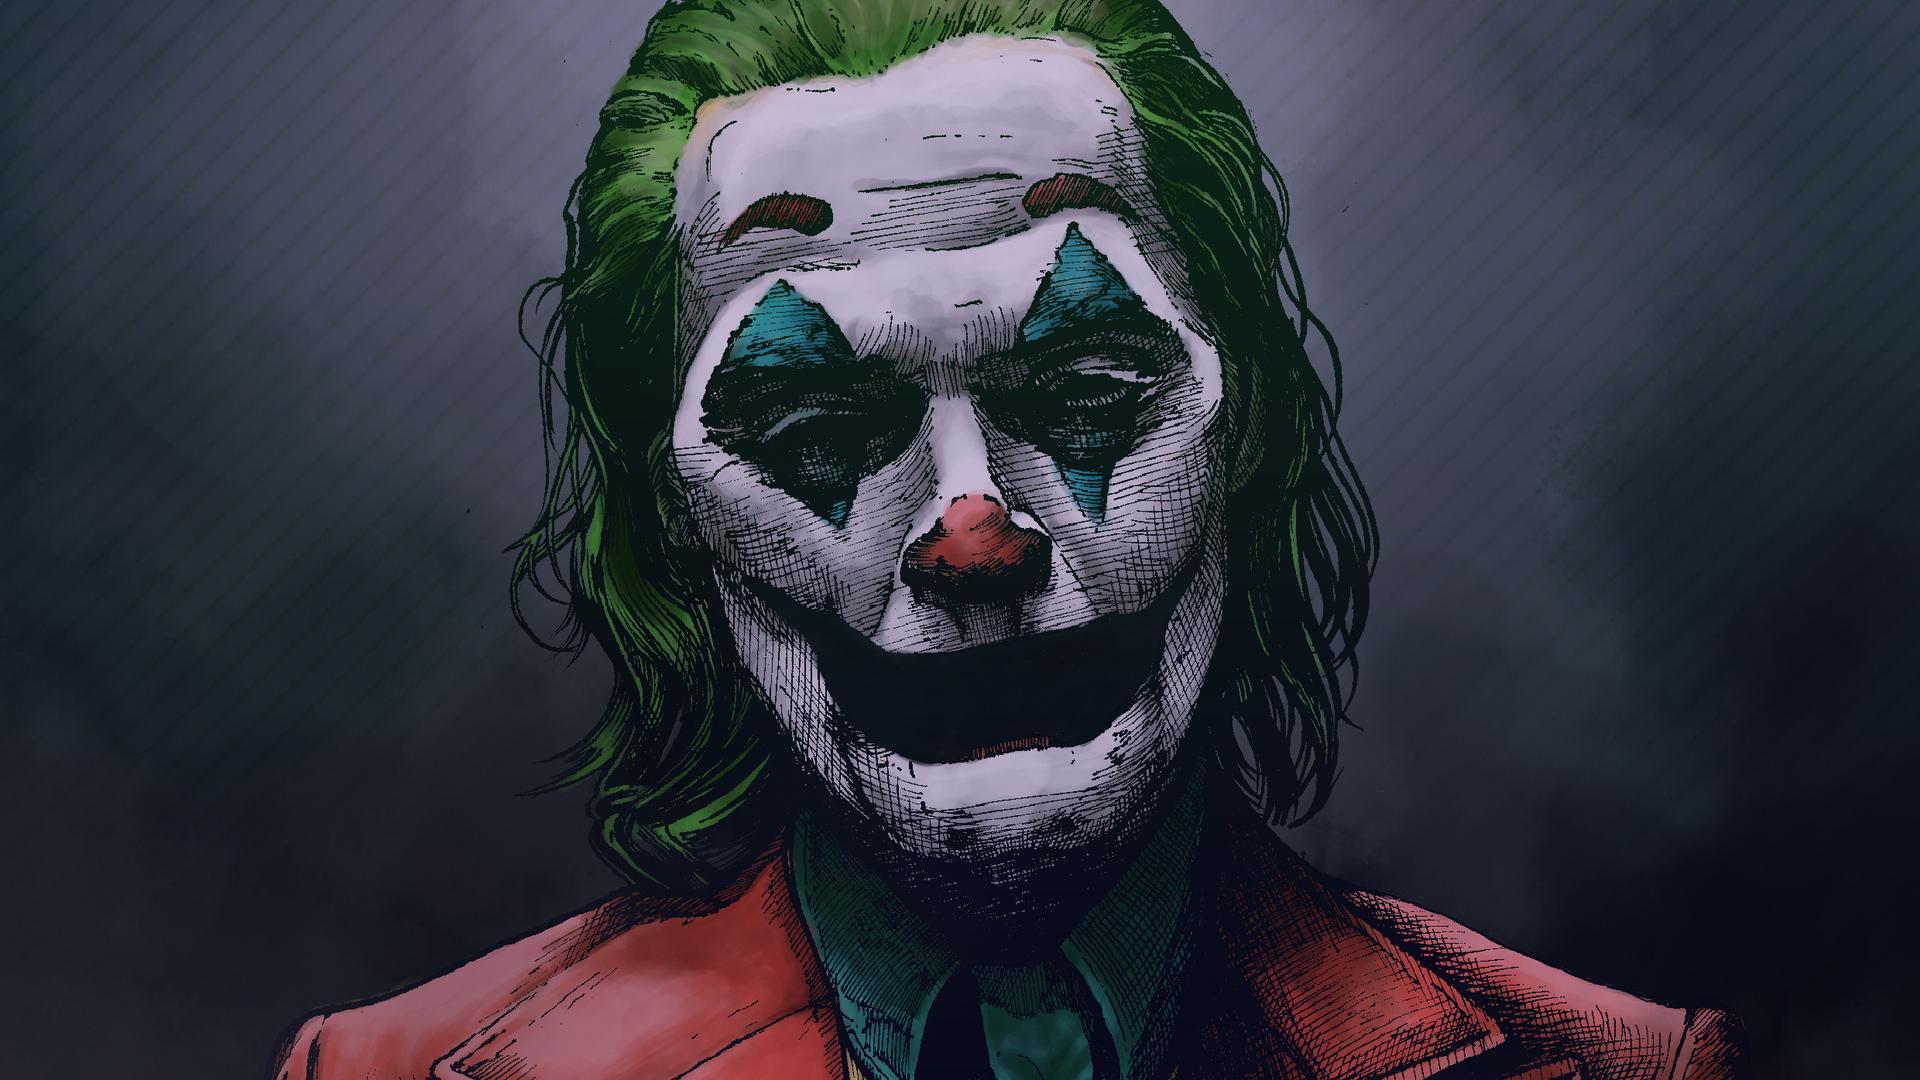 1920x1080 Joker Movie Laptop Full HD 1080P HD 4k ...